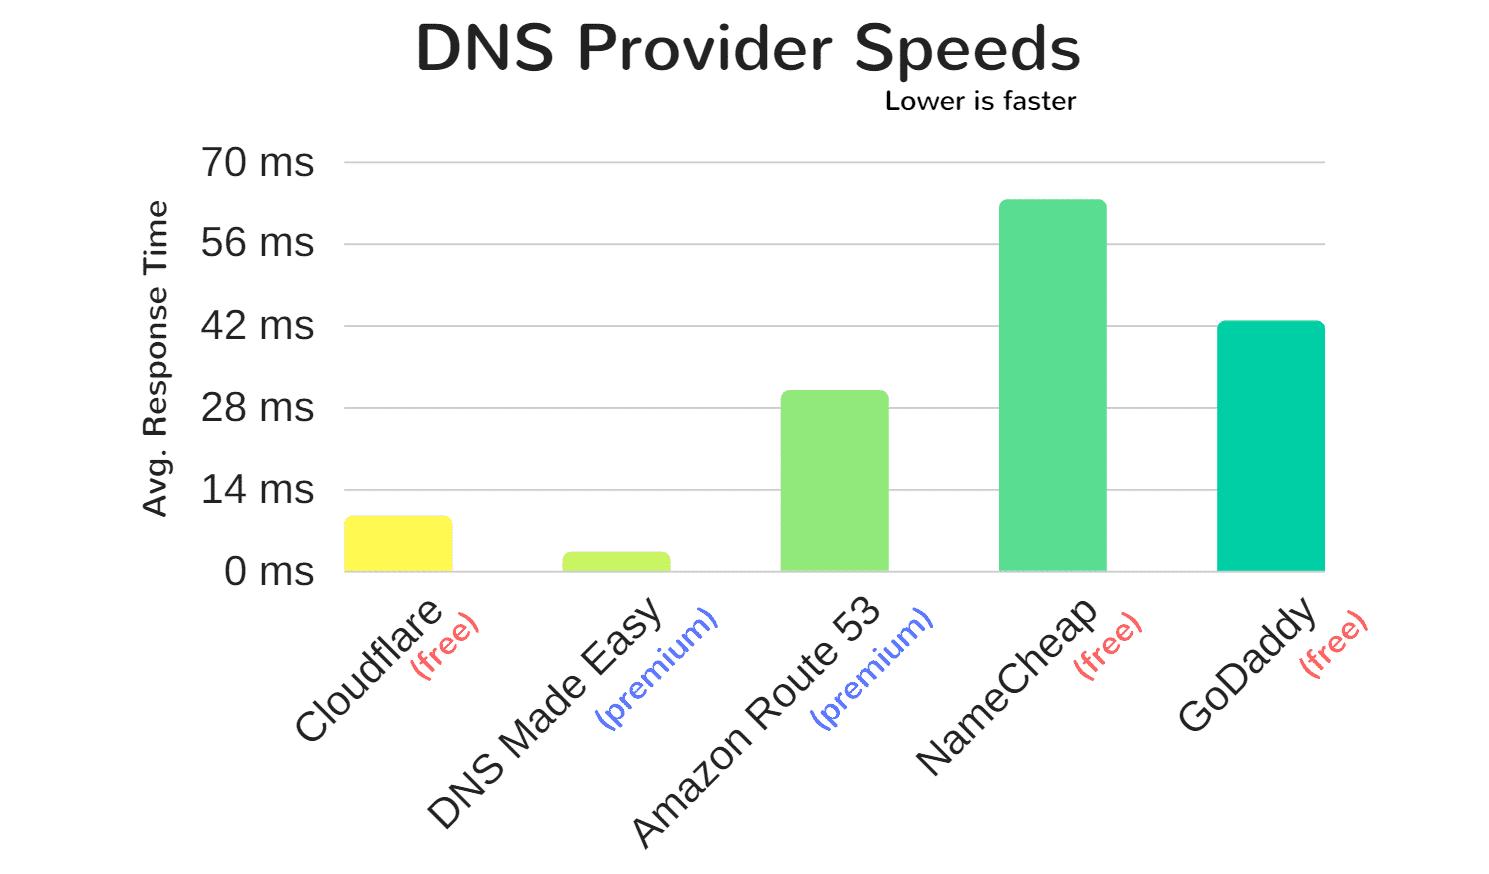 Velocidades do provedor de DNS